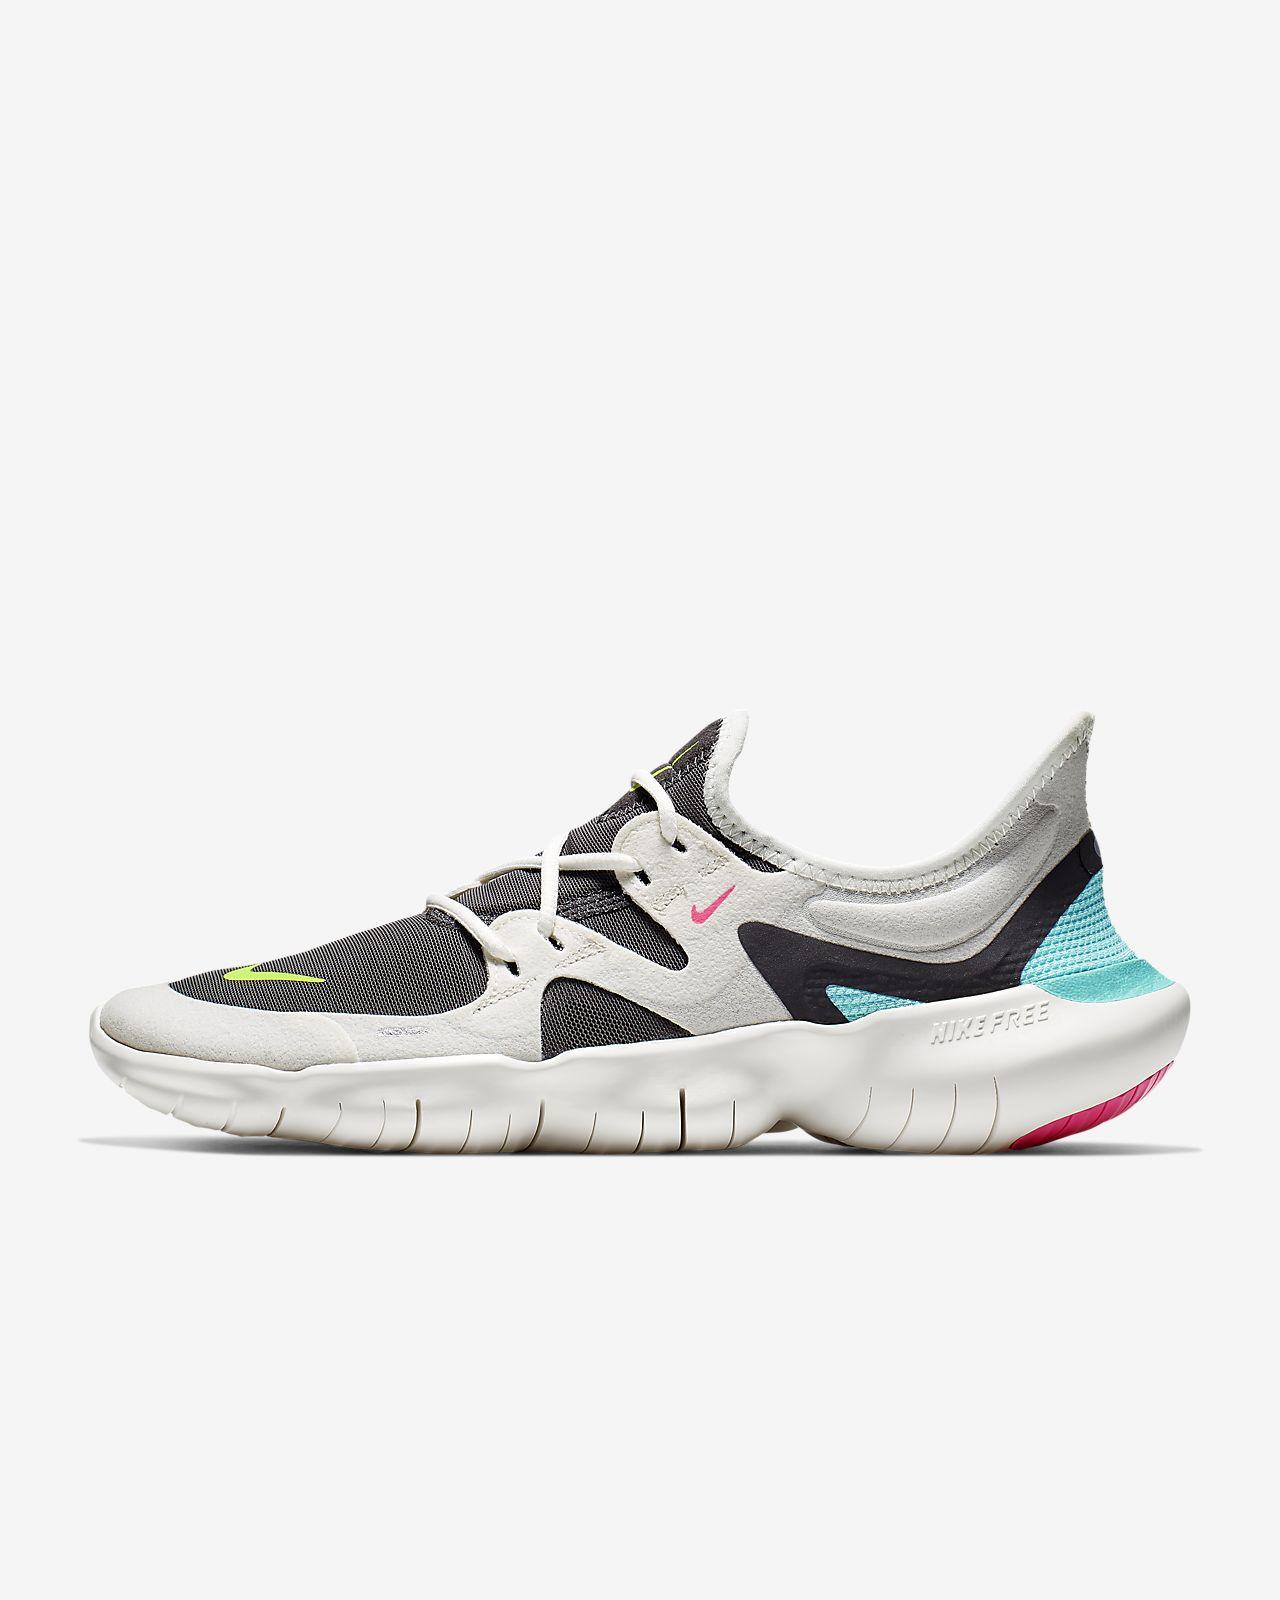 Γυναικείο παπούτσι για τρέξιμο Nike Free RN 5.0